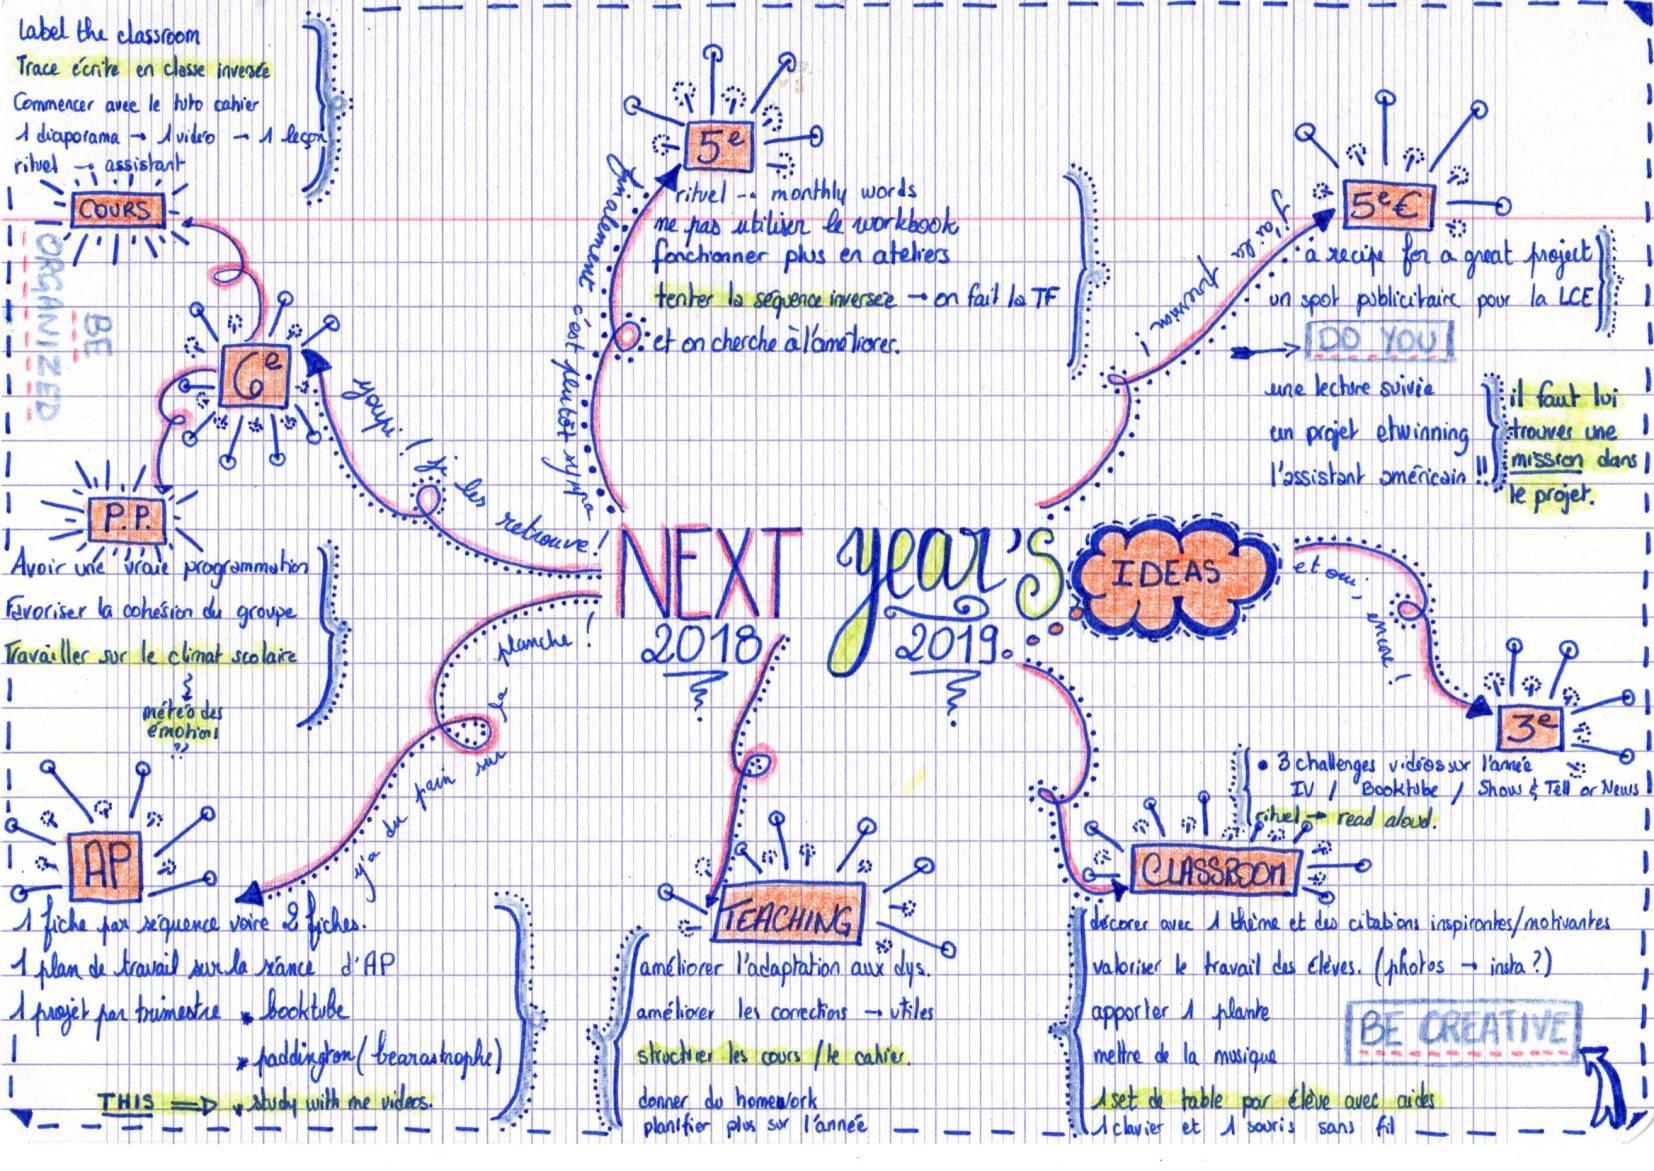 mindmap ideas.jpg